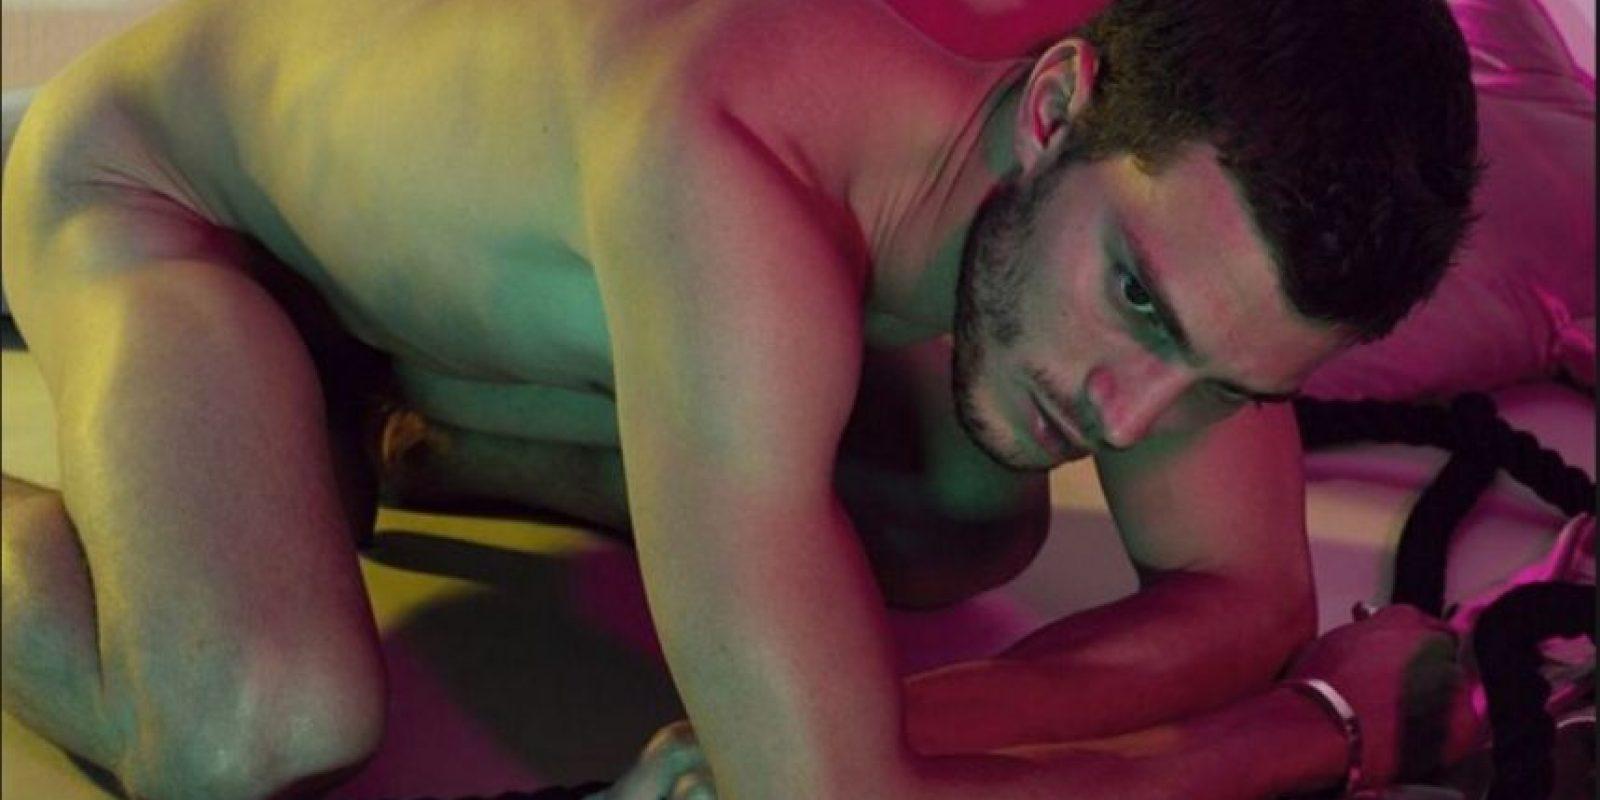 """Jamie Dornan era modelo y protagonista de editoriales de moda para las grandes revistas. También es actor, pero se hizo conocido por interpretar a Christian Grey en """"50 sombras de Grey"""". Aquí les dejamos sus fotos más sensuales Foto:Interview"""